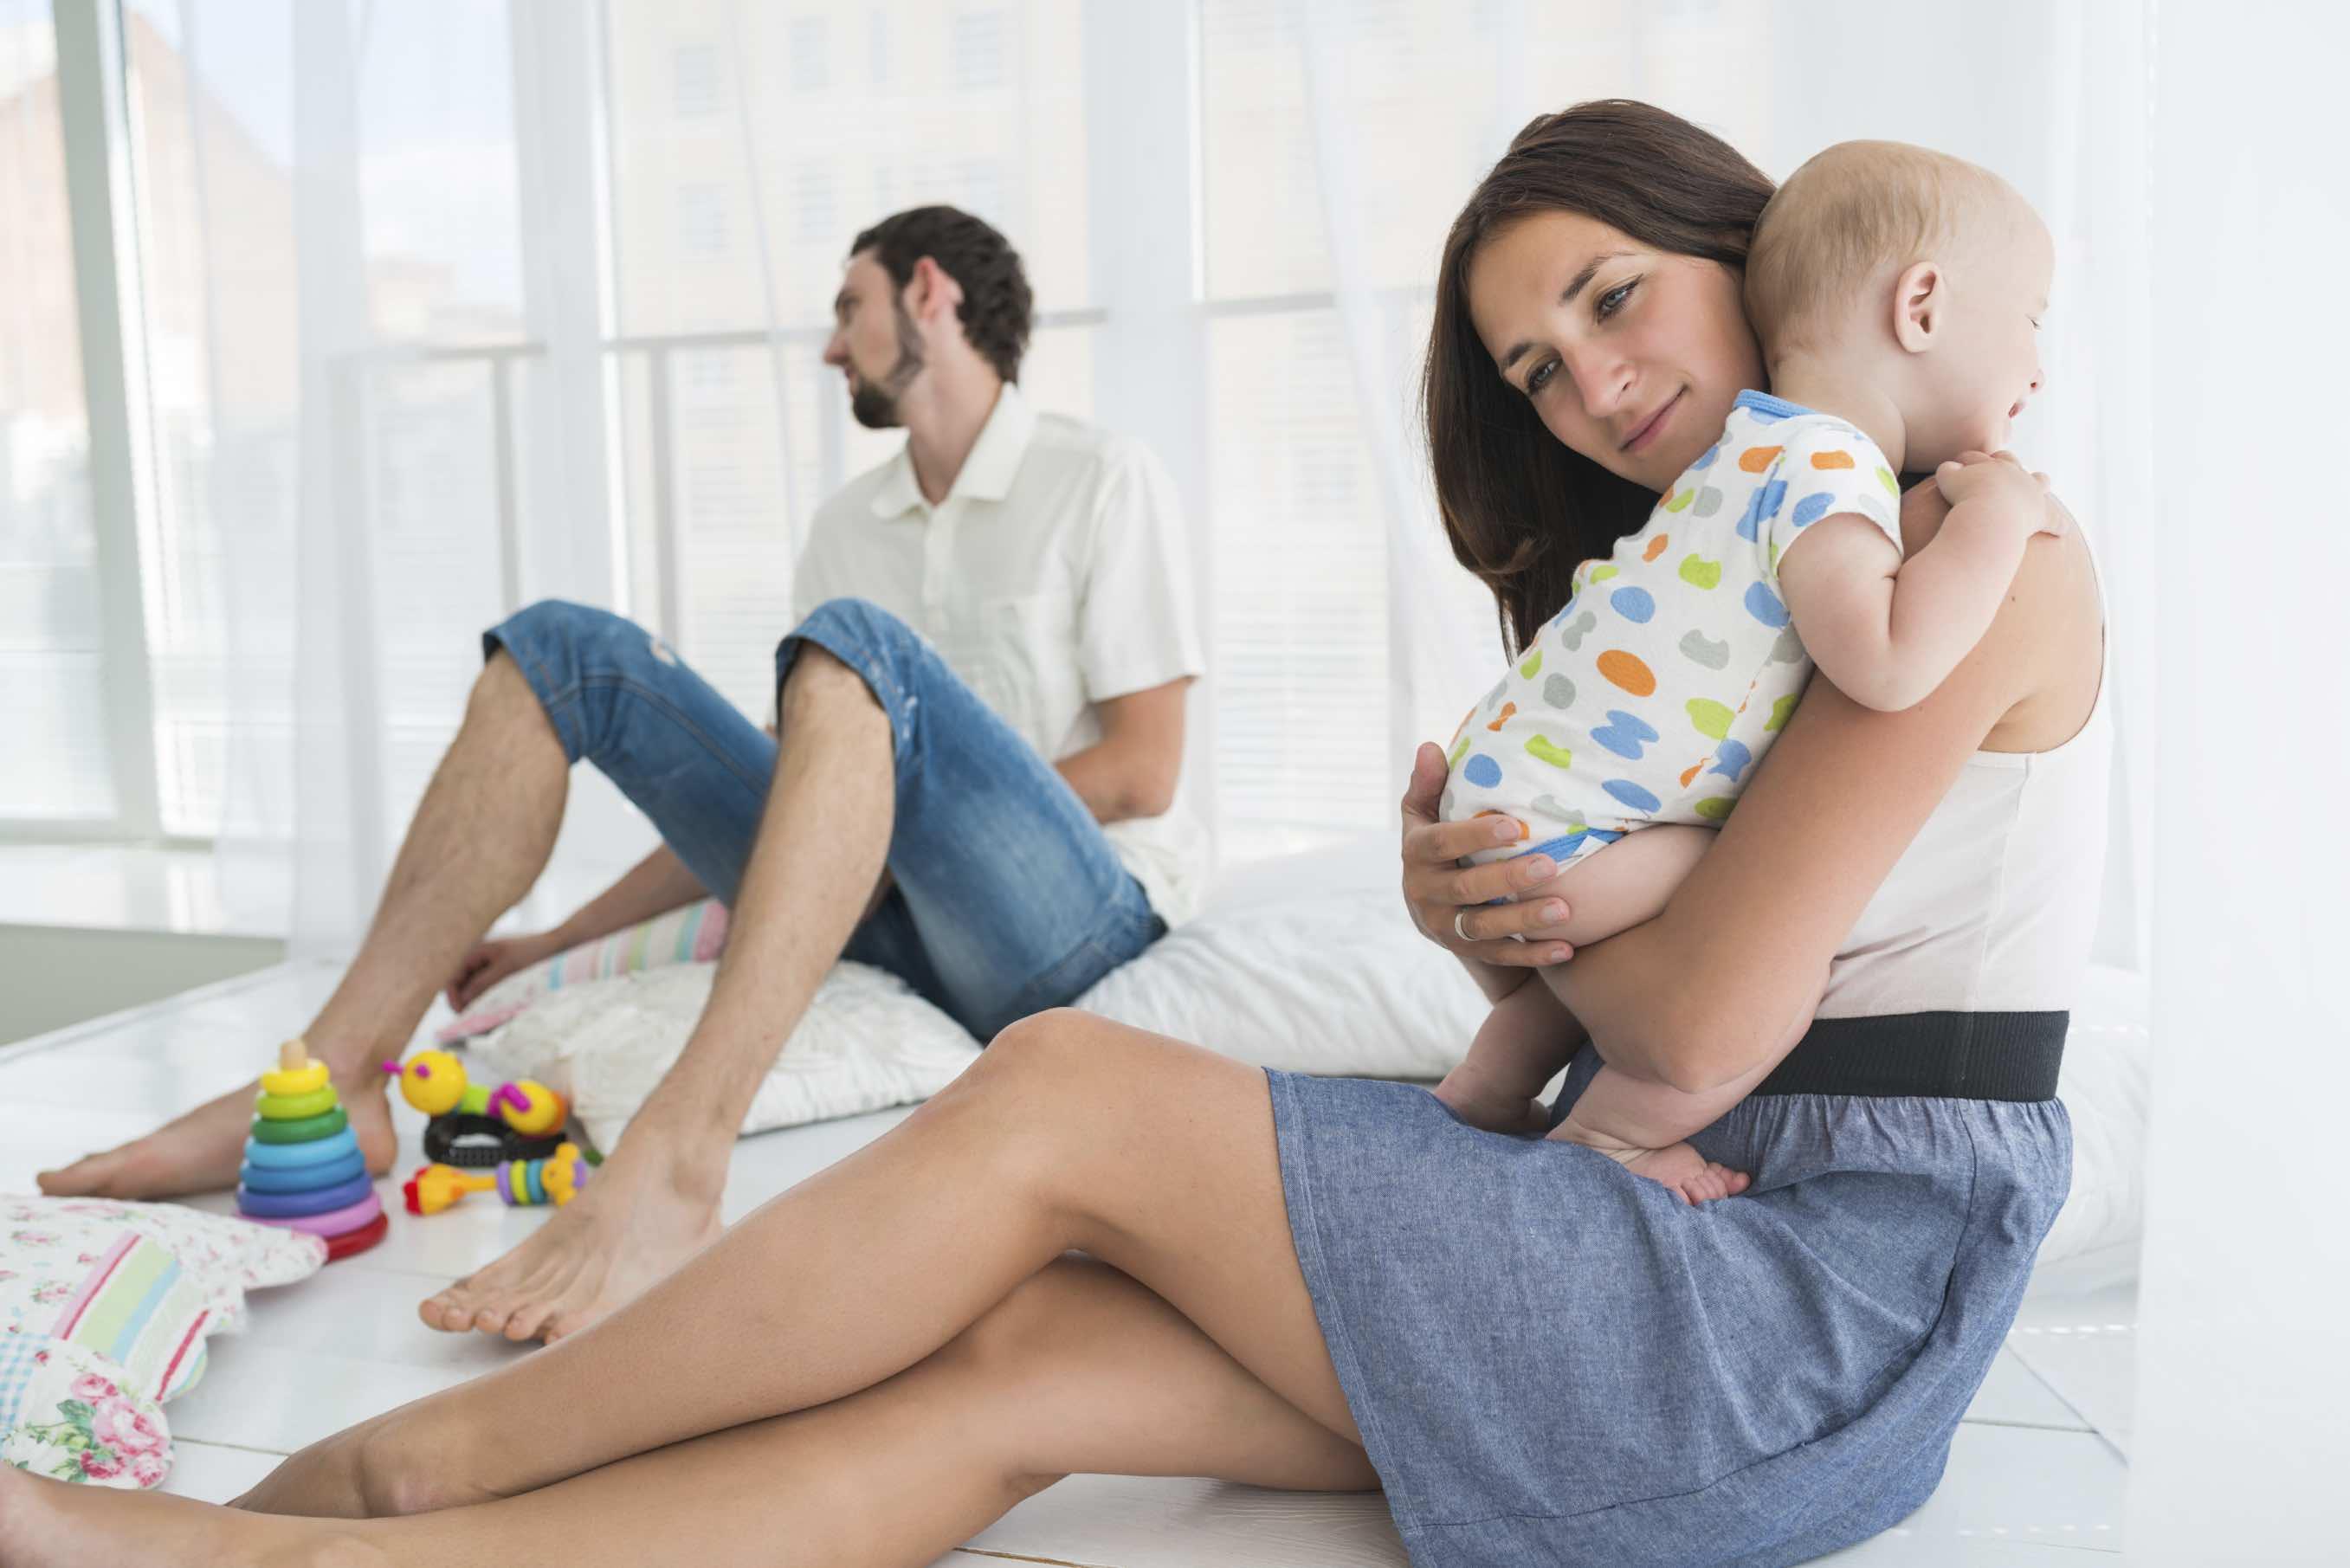 Кризис семейных отношений: опасные симптомы и как их преодолеть?